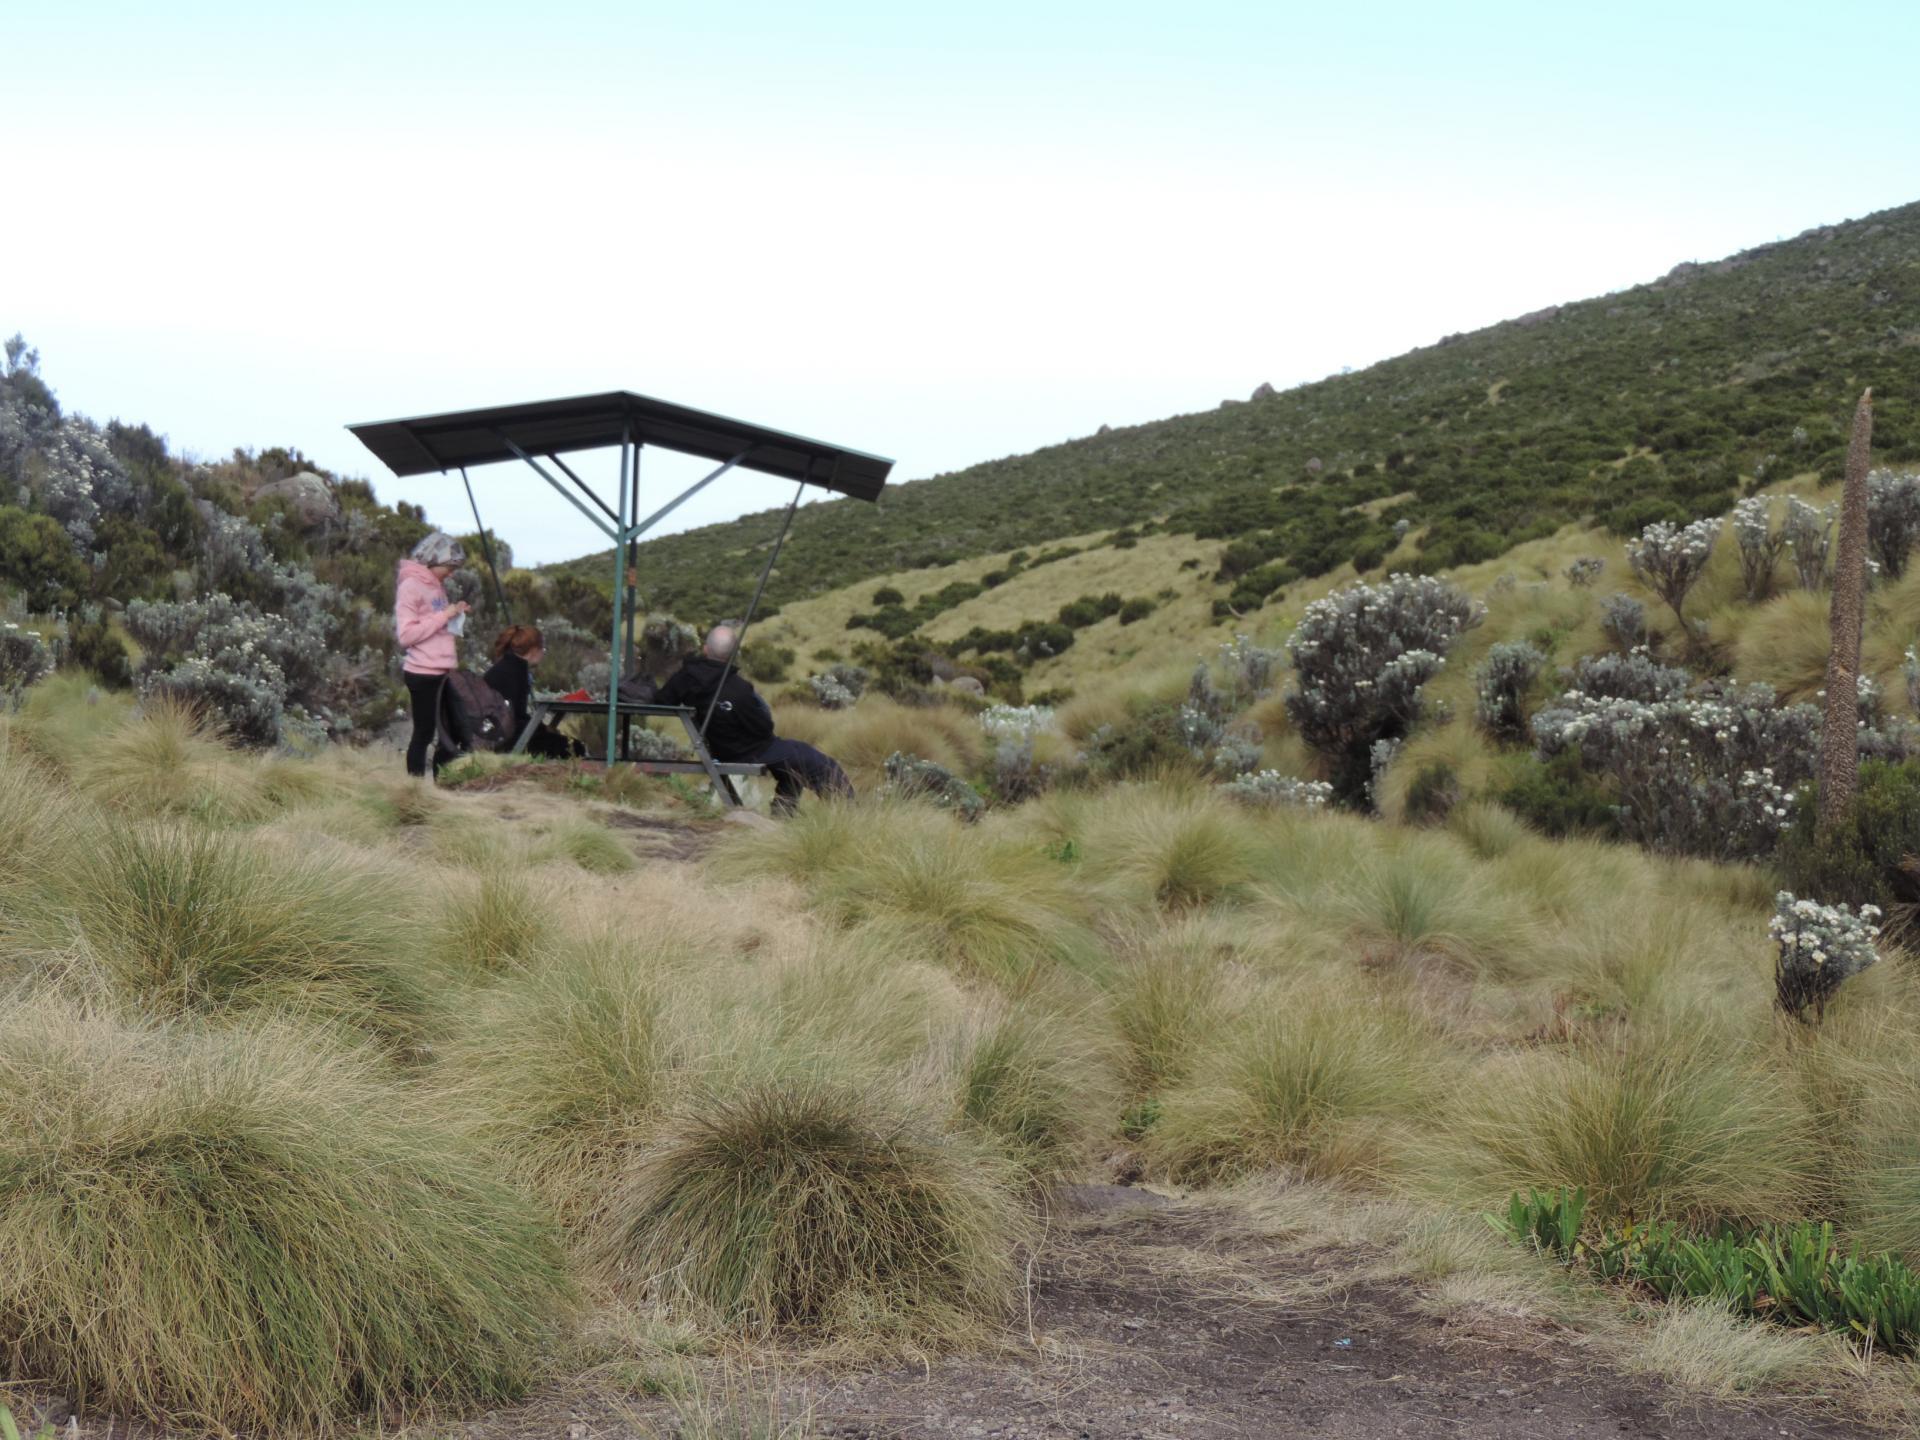 trekking trips Kenya, climbing mount Kenya, climbing Mount Kenya in Kenya, mount Kenya hiking, walking, route, trekking routes, yha Kenya travel, photos